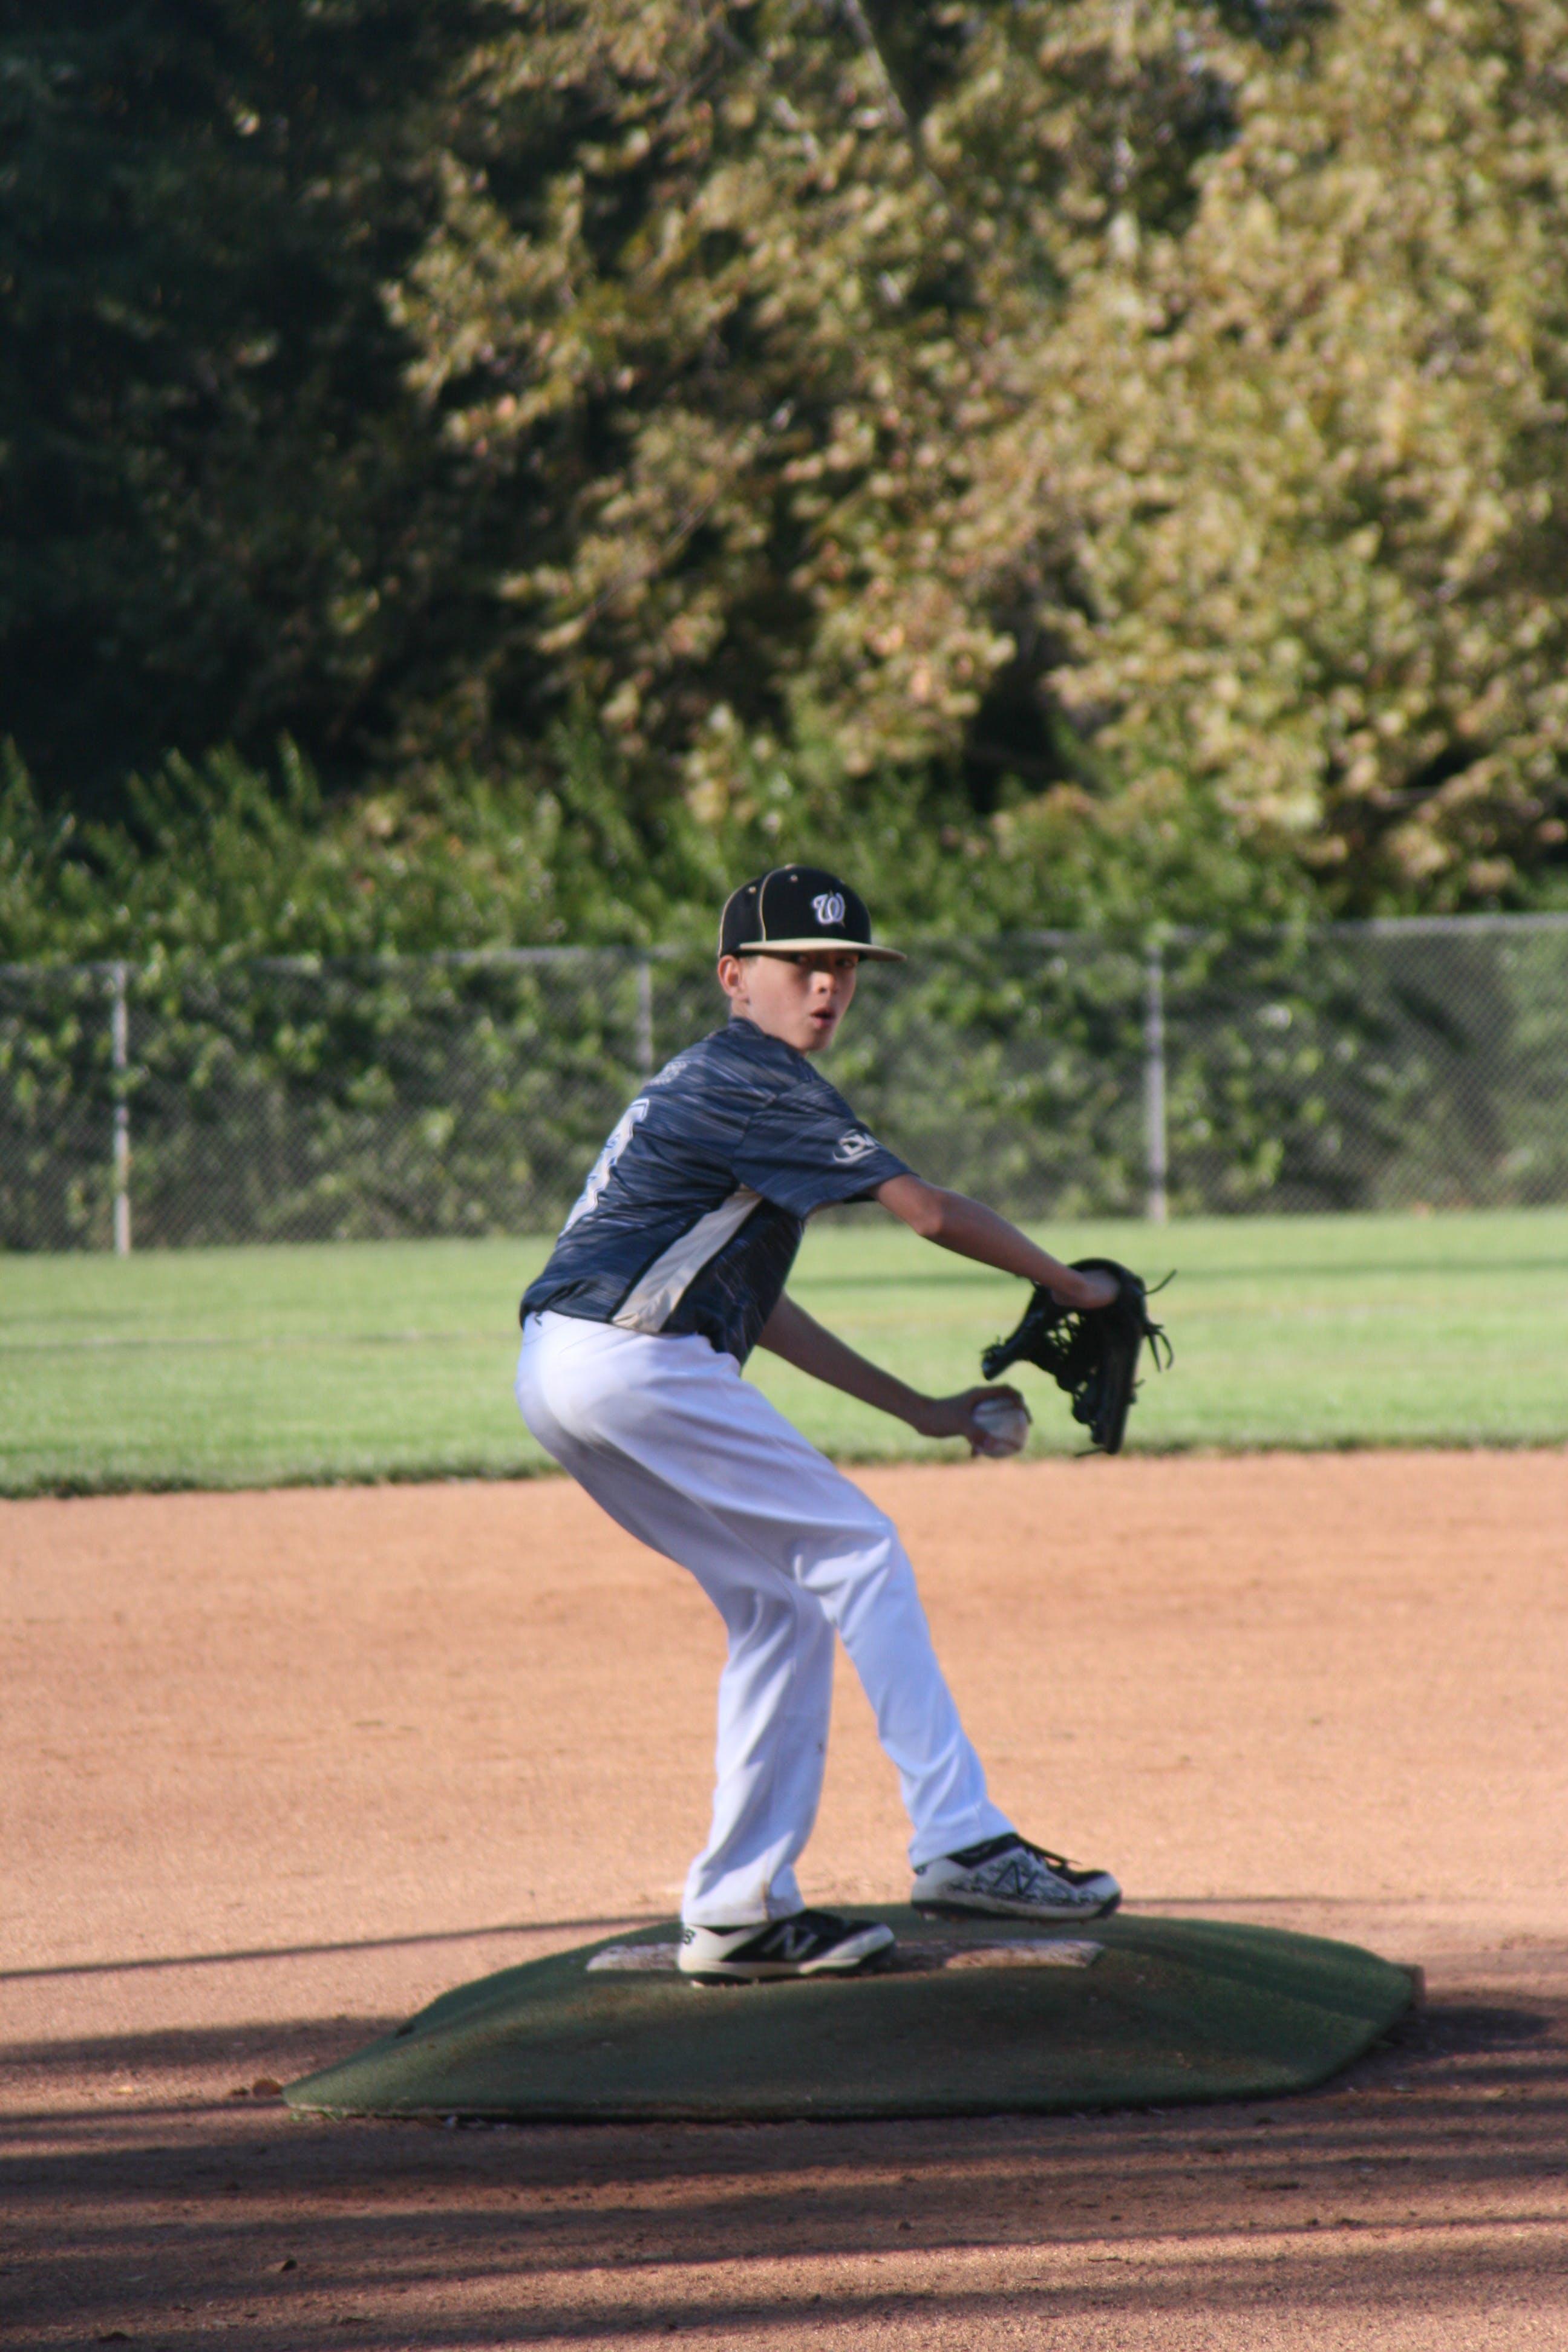 Photo of Boy Pitching Ball